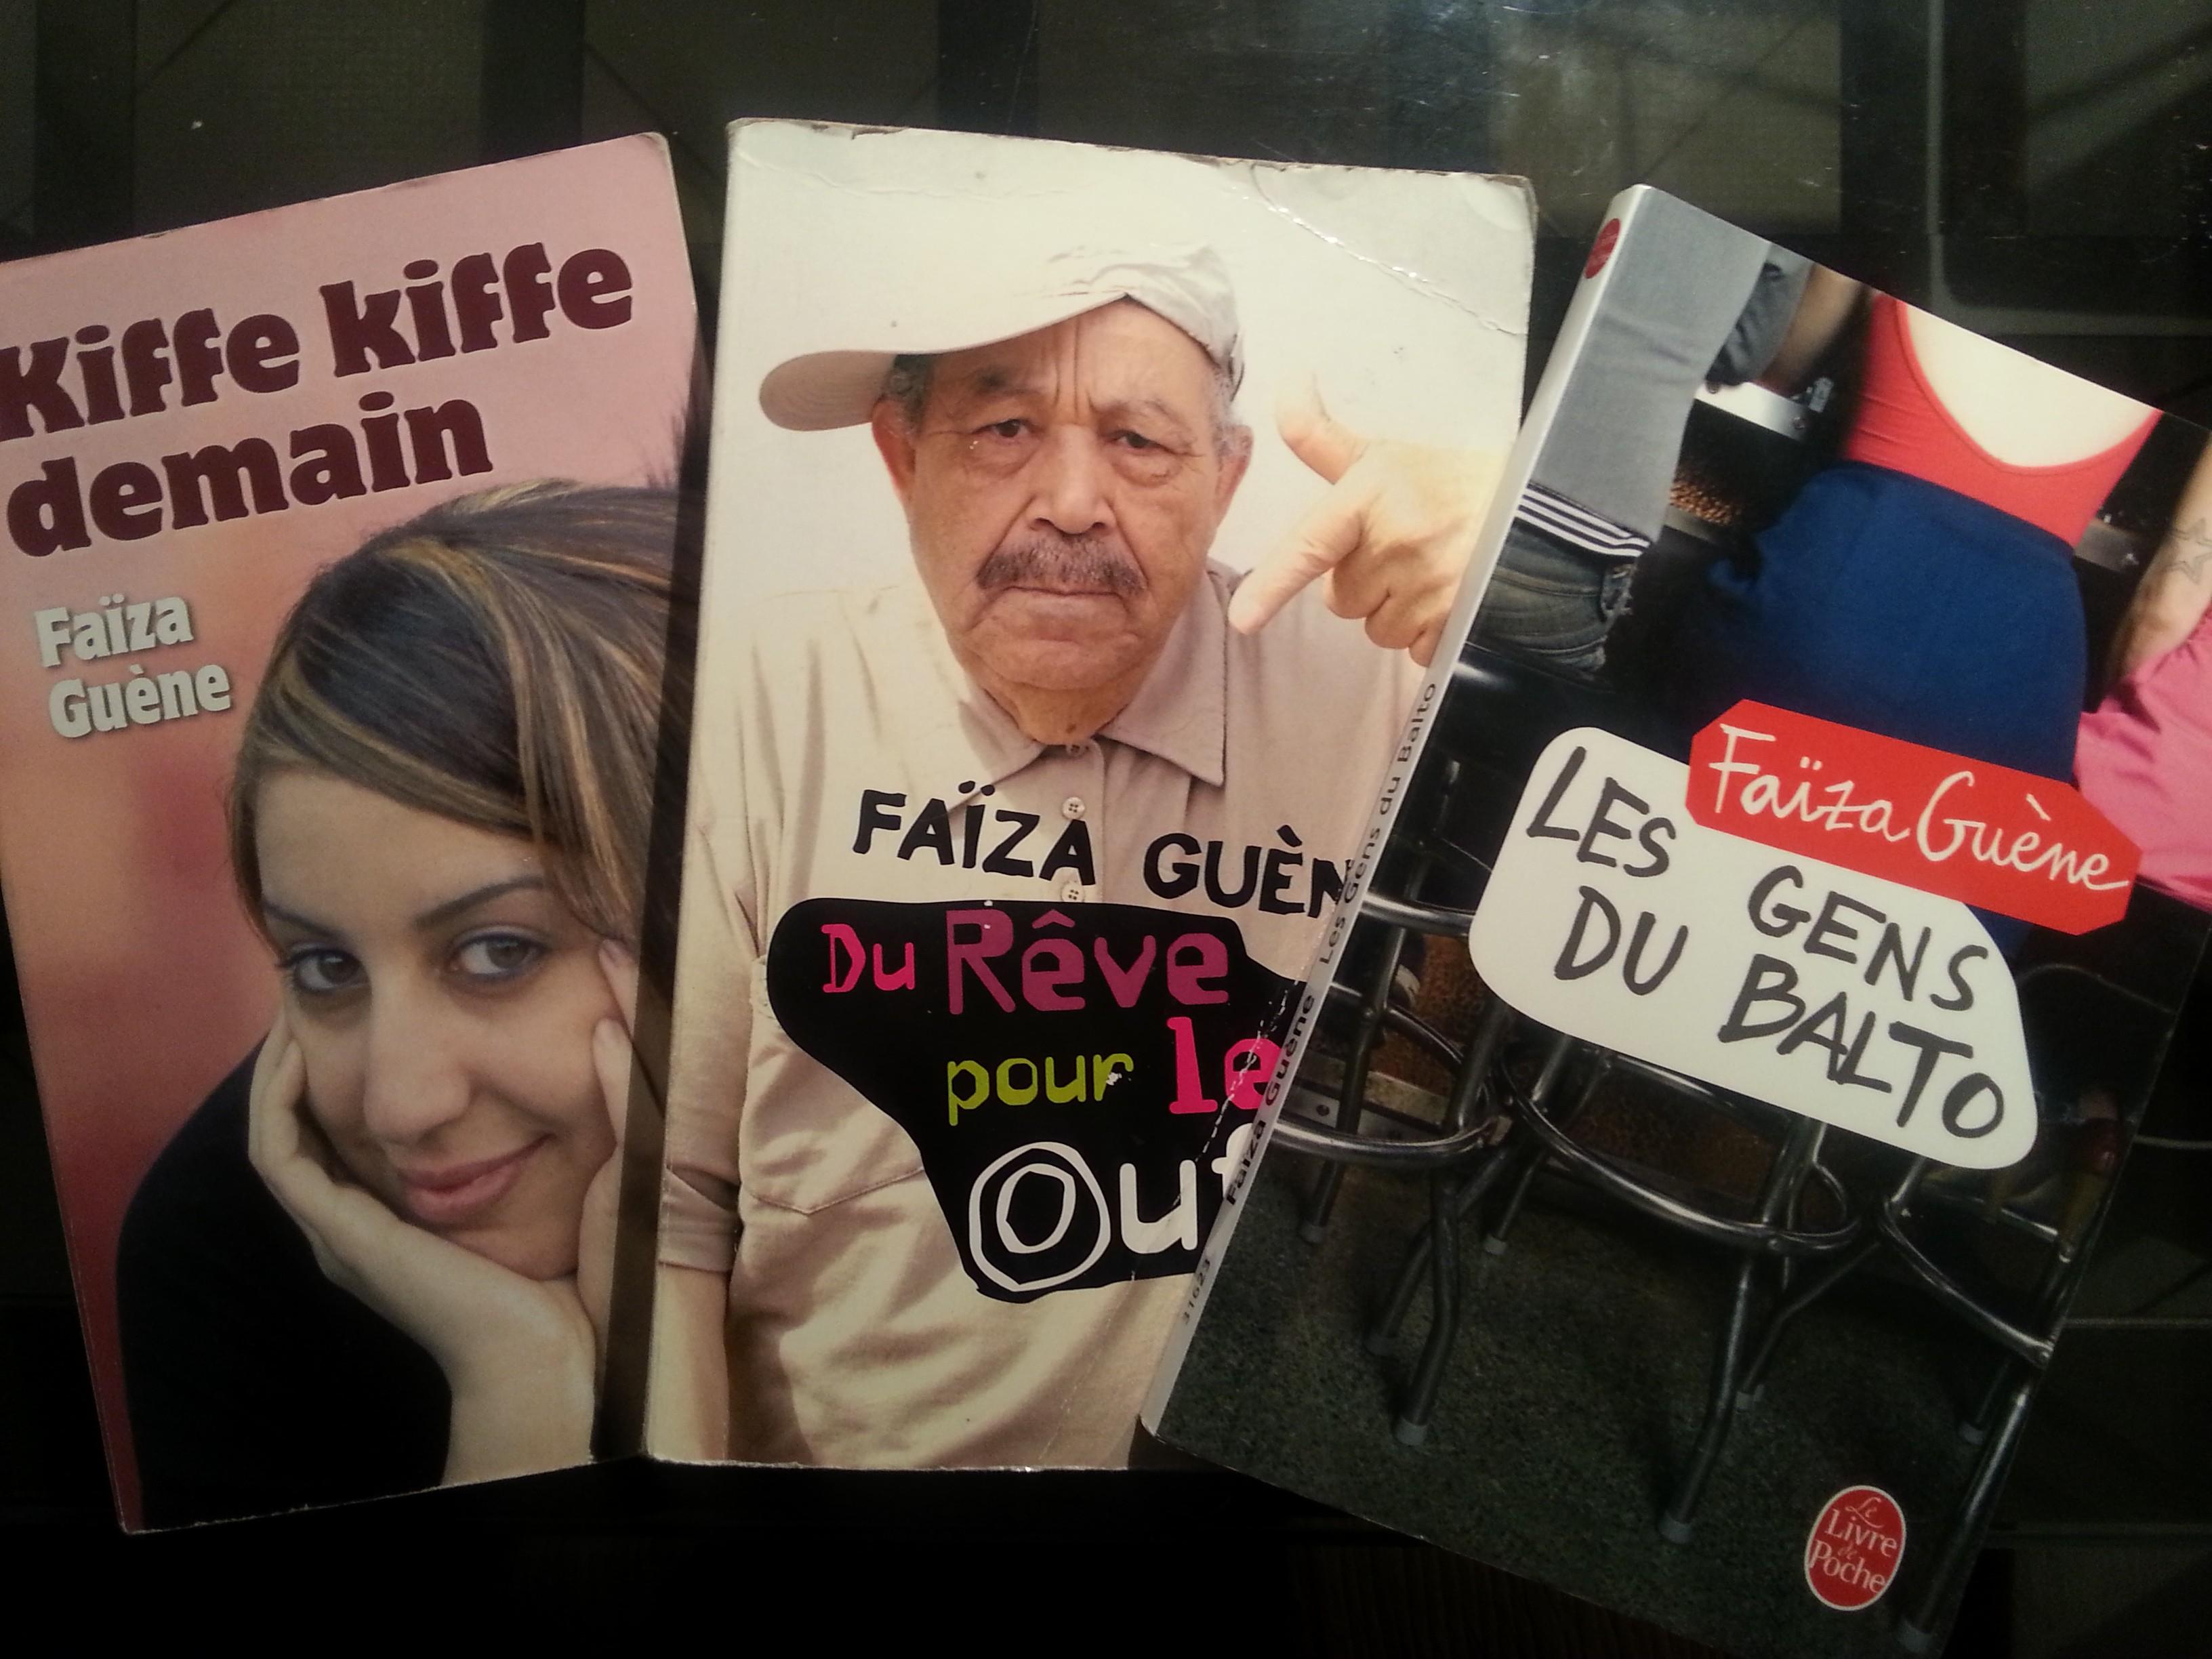 Kif kif demain, Du rêve pour les oeuf e Les gents du Balto - Faïza Guène